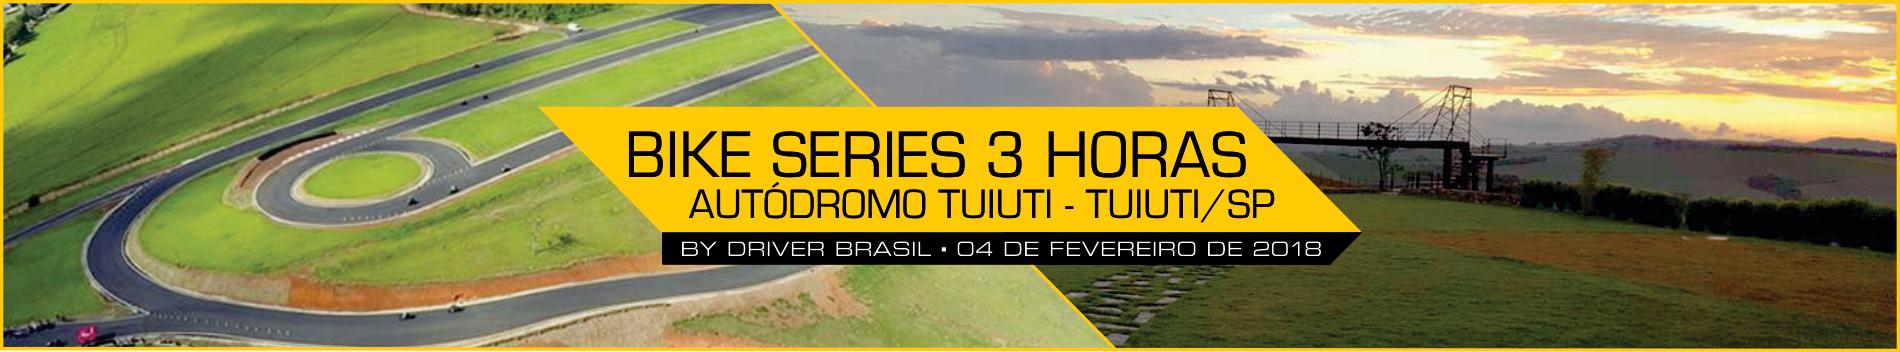 BIKE SERIES - 3 HORAS AUTÓDROMO TUIUTI - Imagem de topo